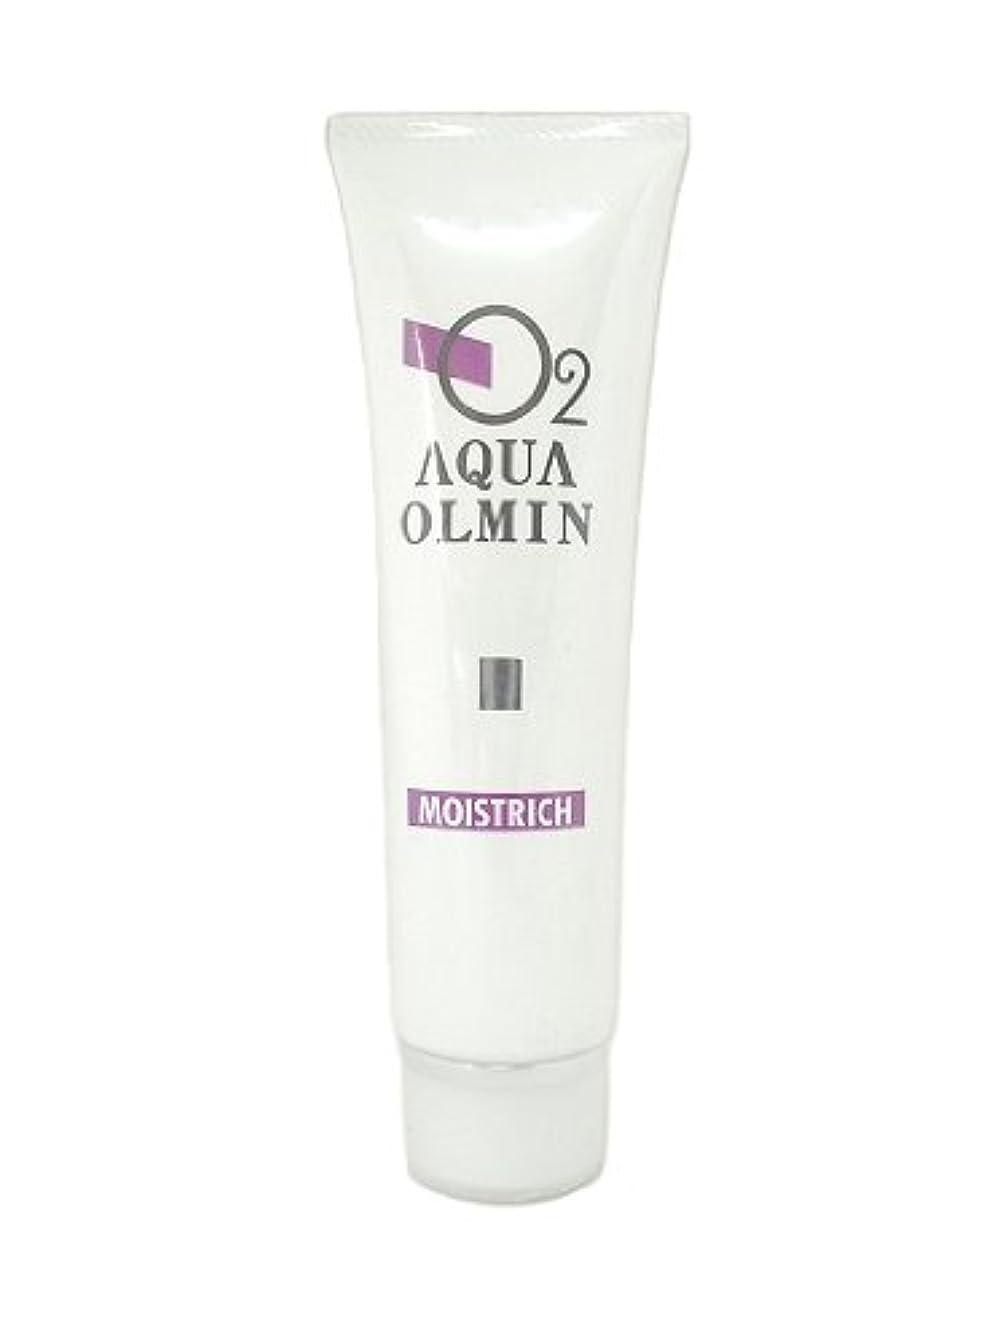 充電信頼性のある寸法O2アクアオルミン モイストリッチ(荒肌?乾燥肌)100ml